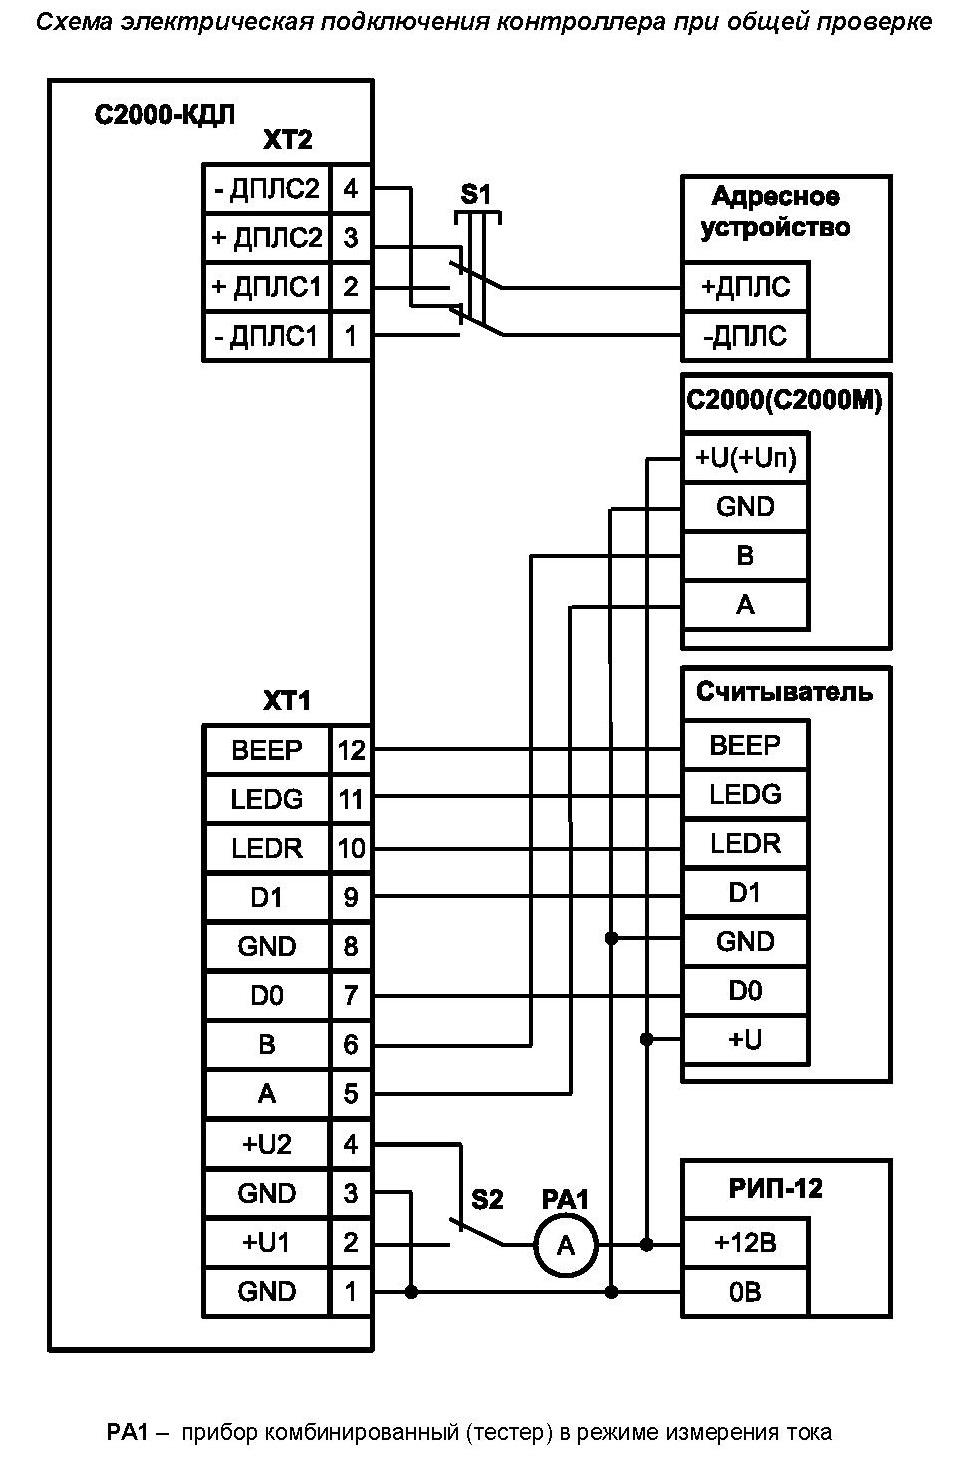 Бриз изм 5 схема подключения